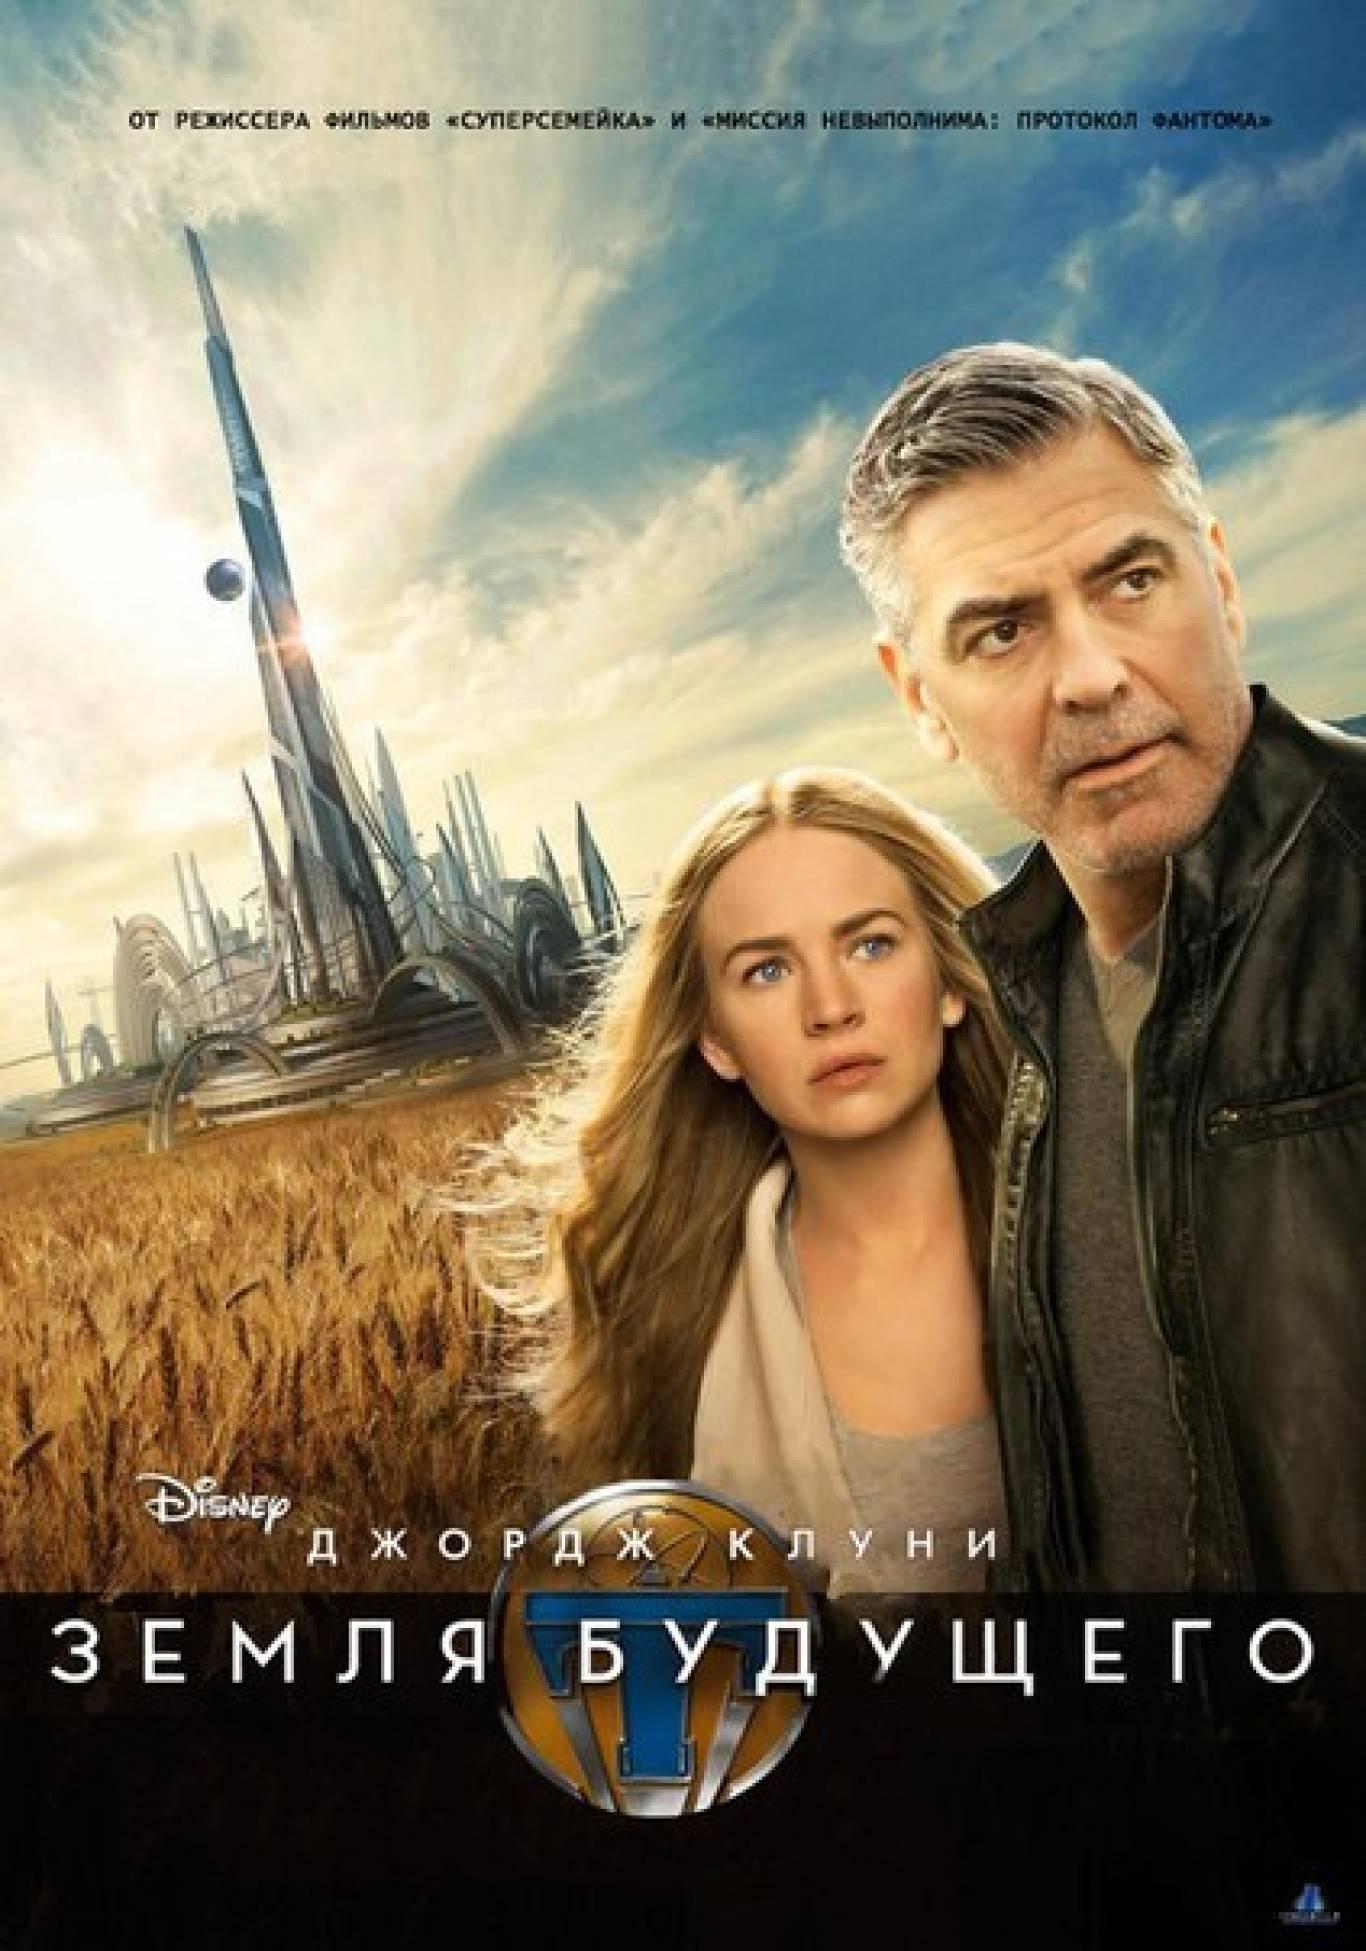 Фантастичний фільм з Джорджом Клуні «Земля майбутнього: світ за межами»